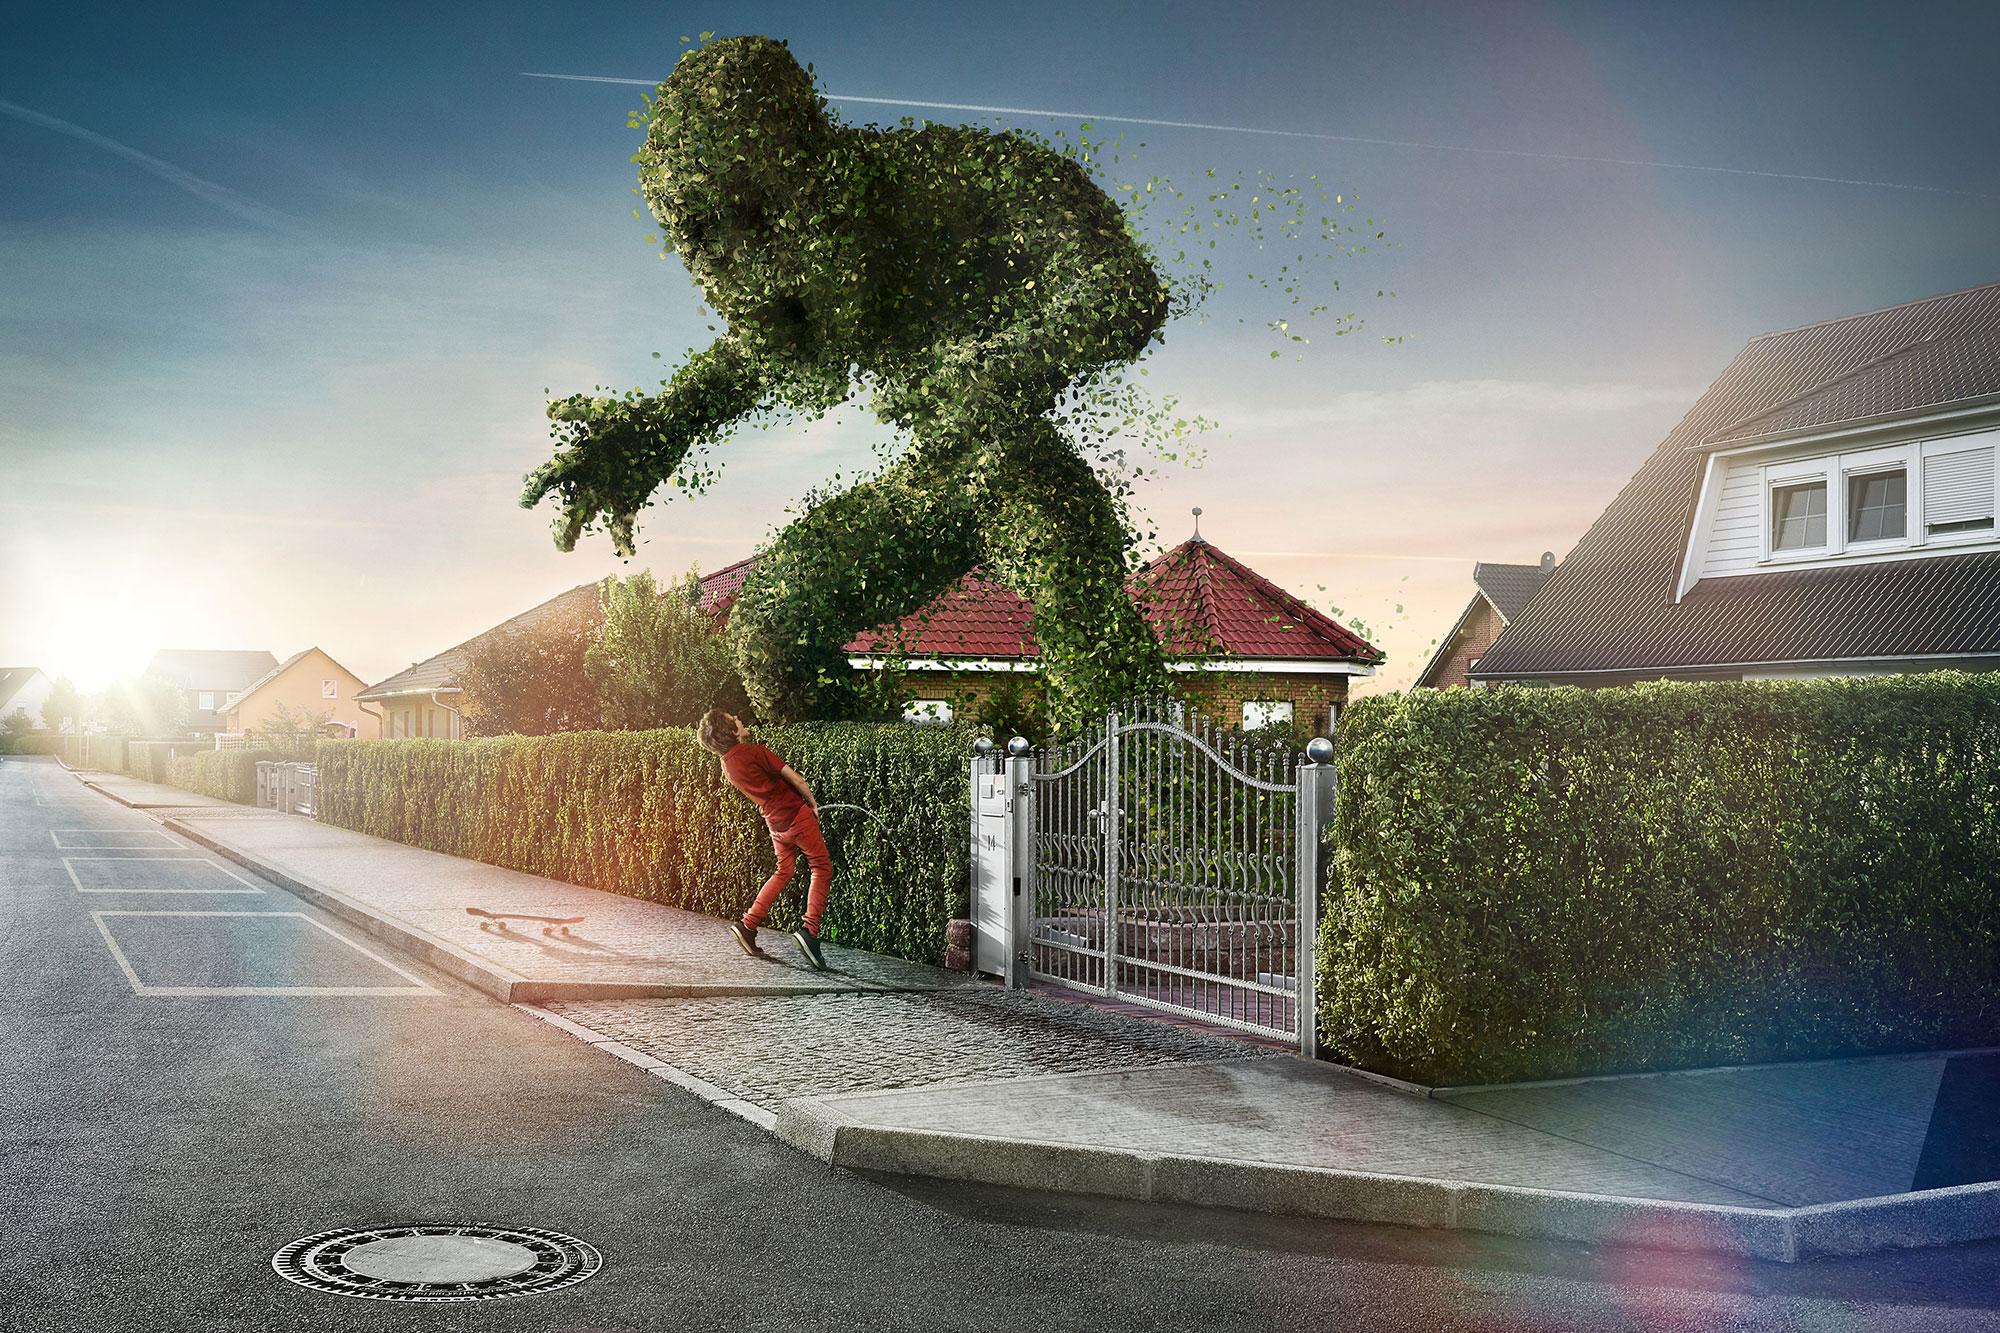 CGI Rendering 3d Heckenmonster The Hedge Garten Vorstadt Idris Kolodziej